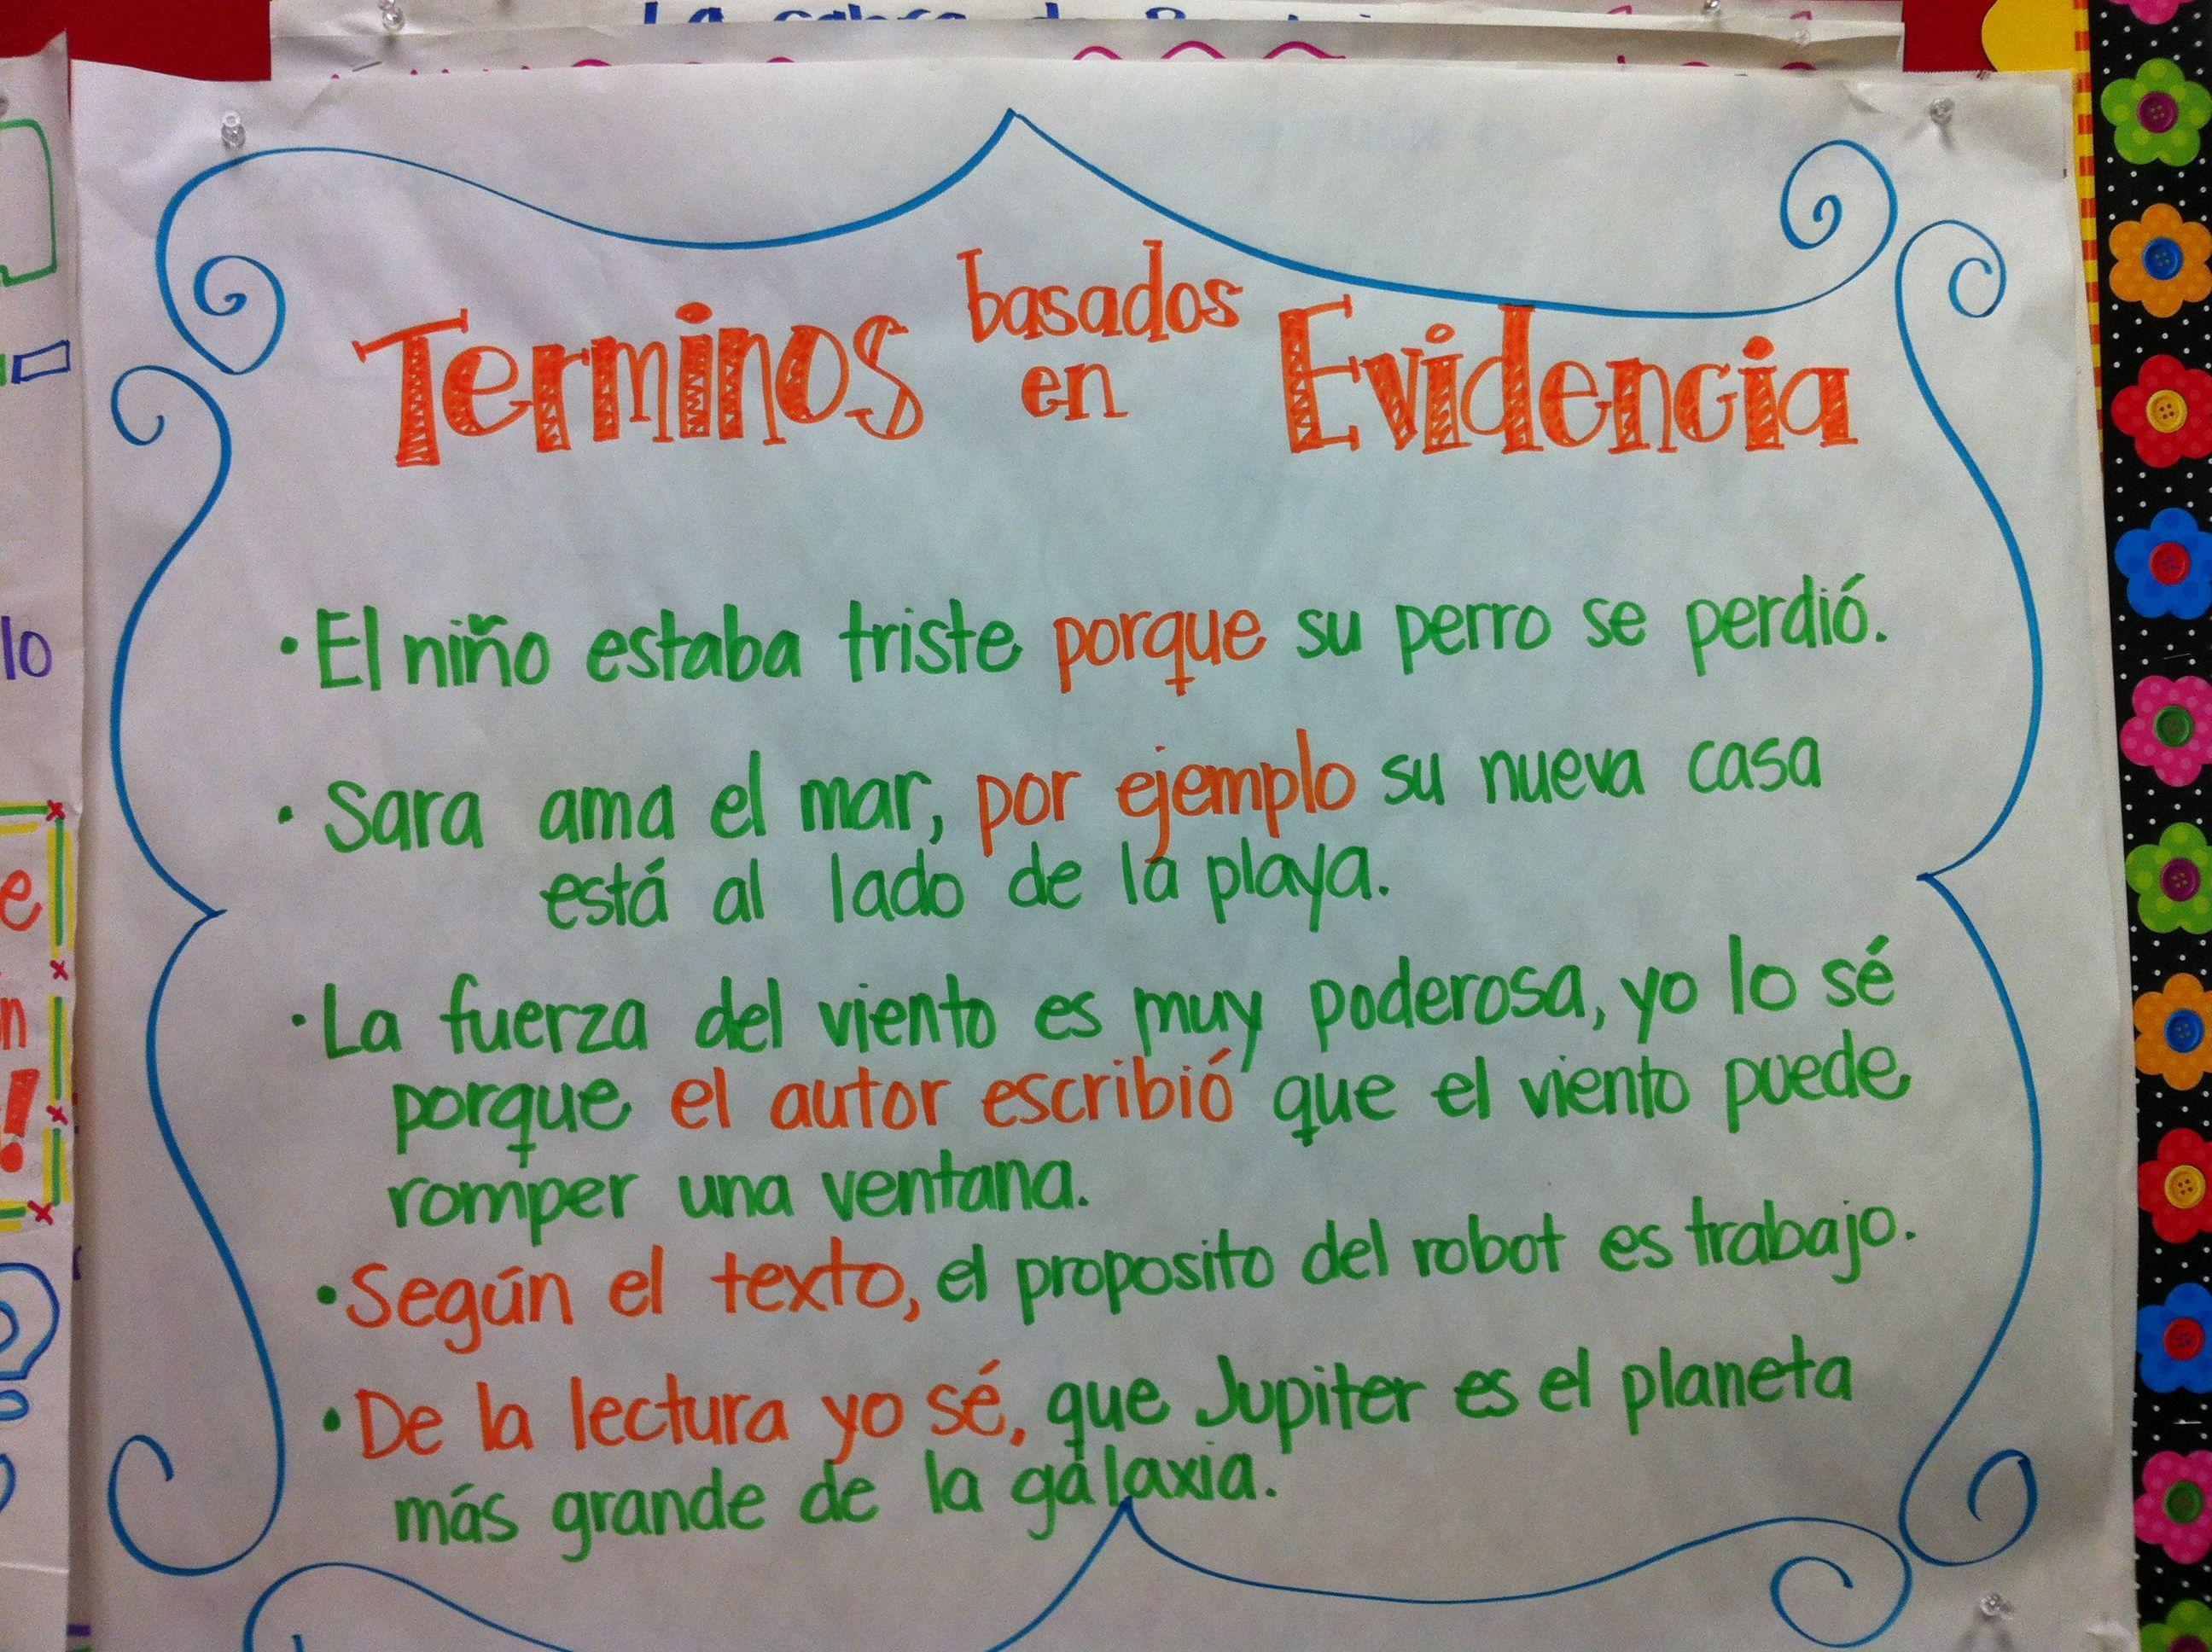 Terminos Para Citar Evidencia Citing Evidence Anchor Chart